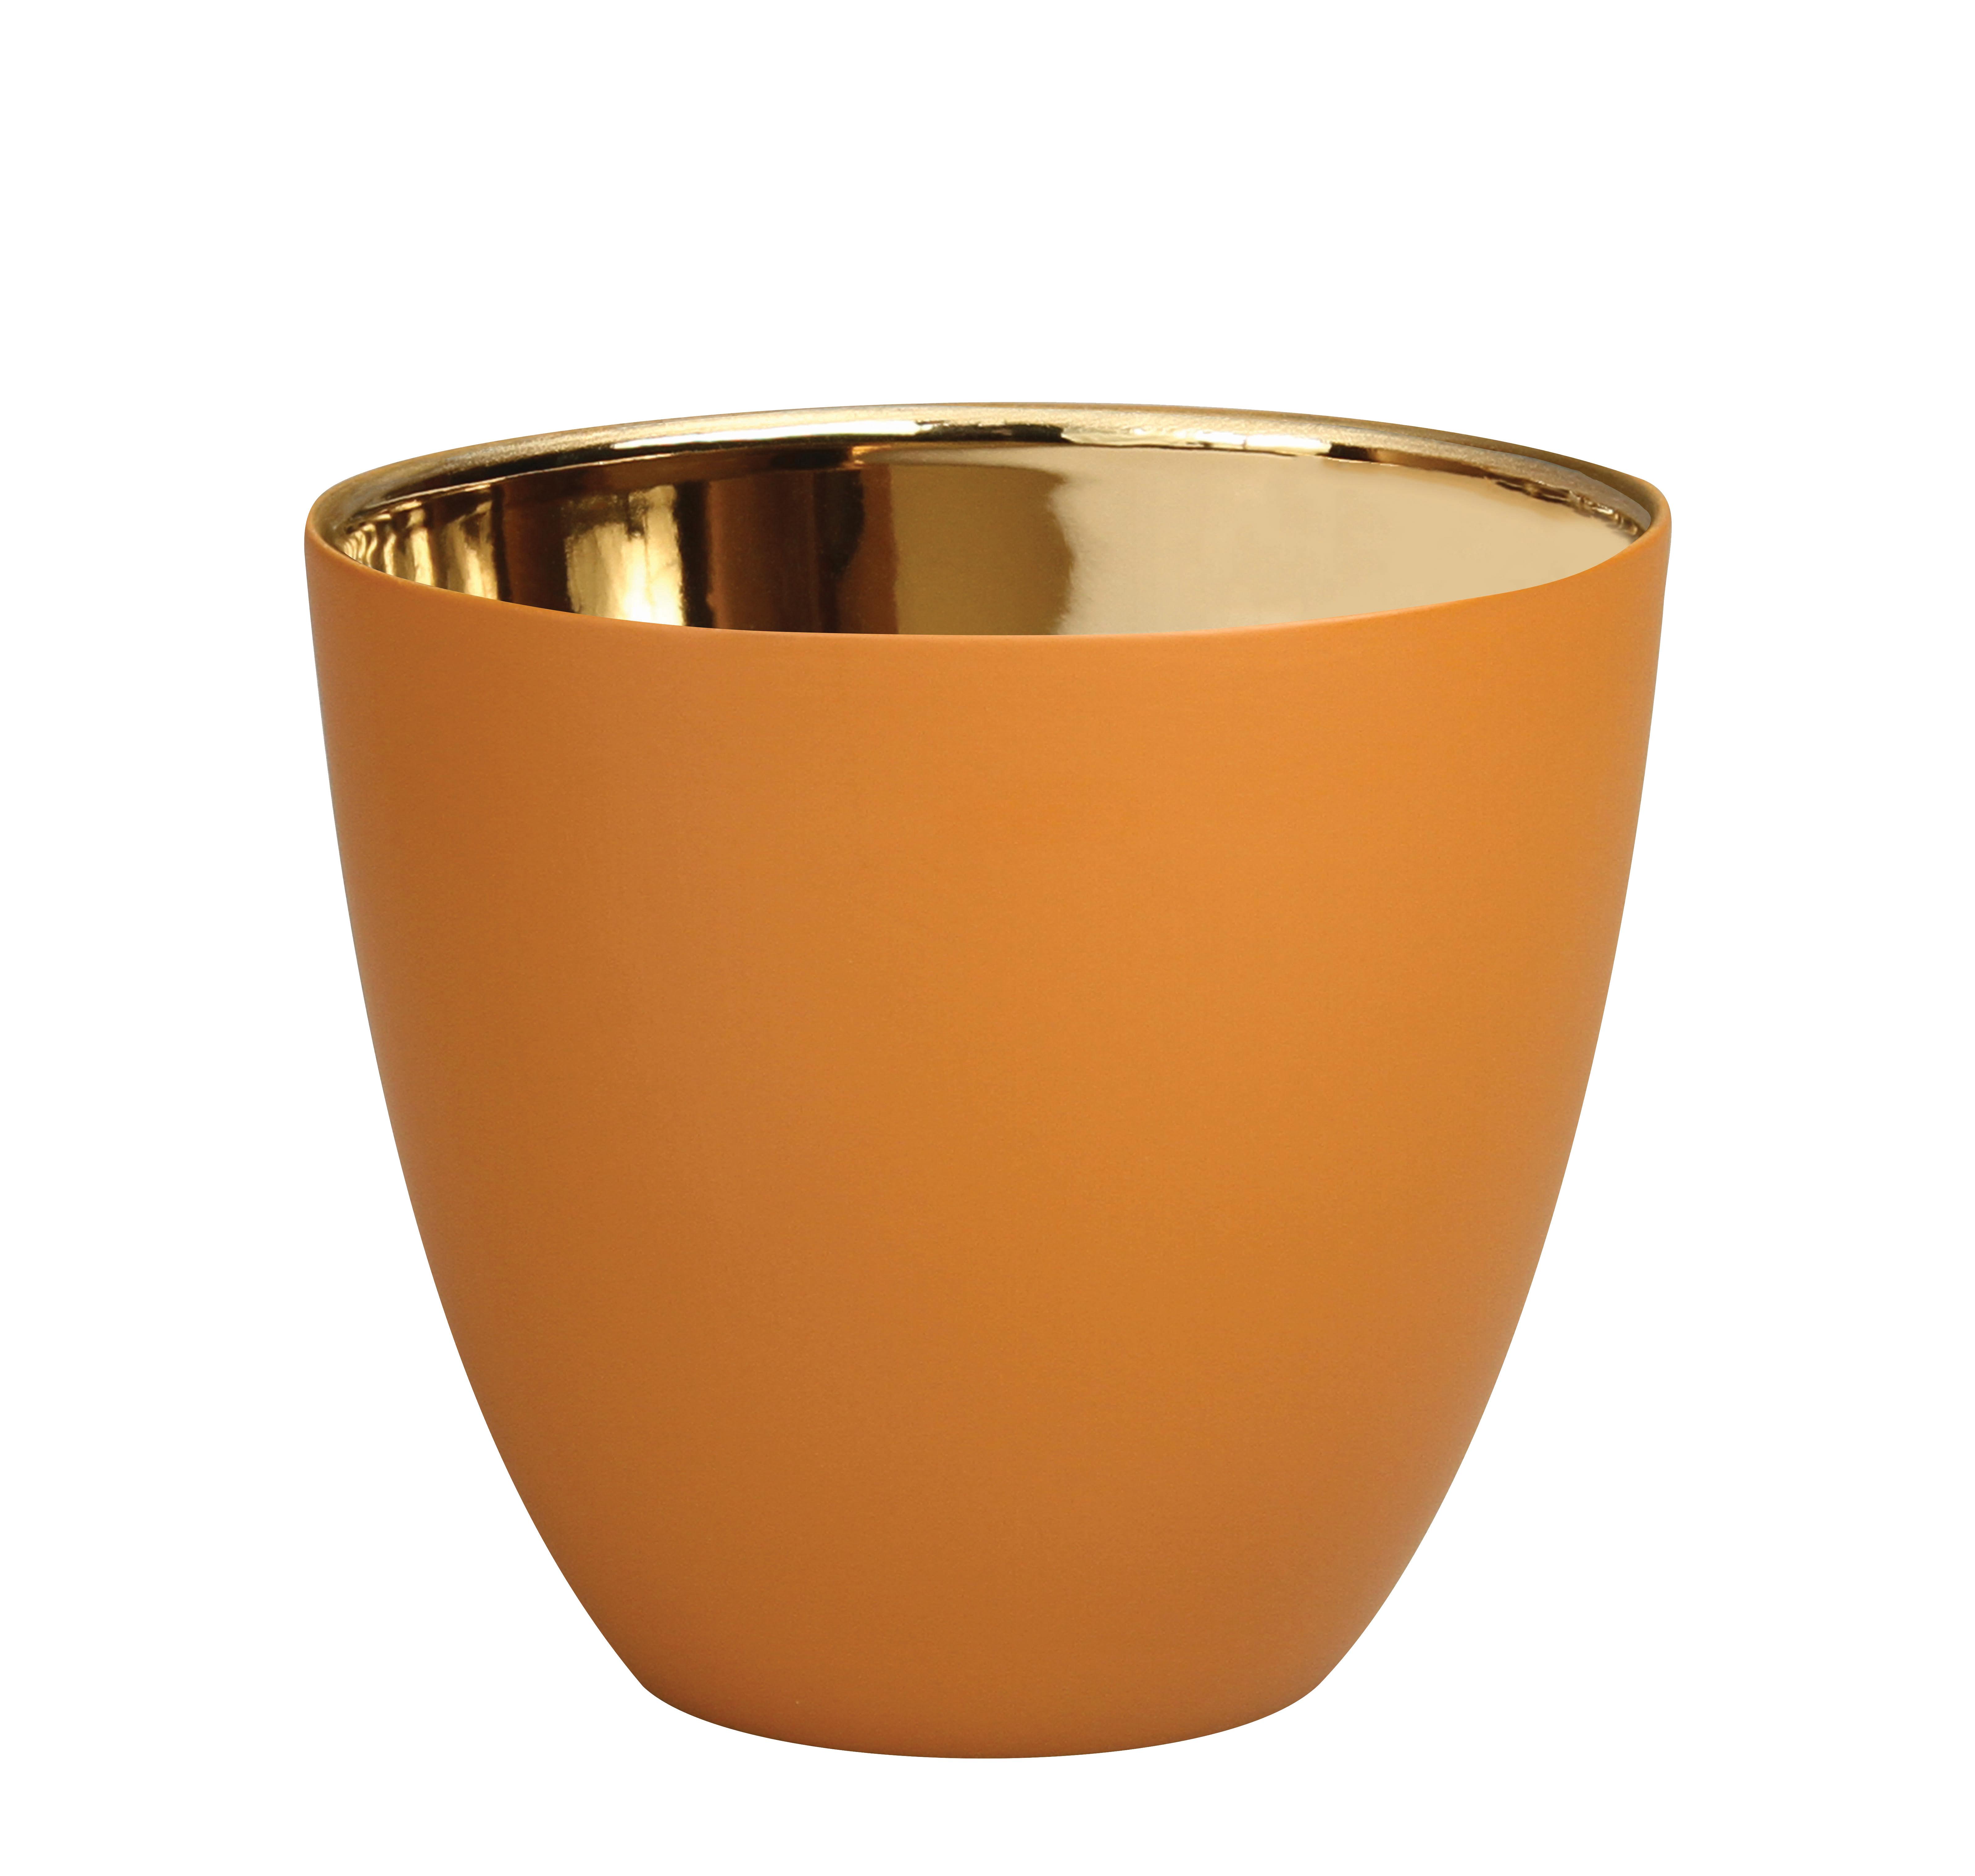 Dekoration - Kerzen, Kerzenleuchter und Windlichter - Summer Large Windlicht / H 8 cm - Porzellan - & klevering - Haselnuss / Gold - Porzellan